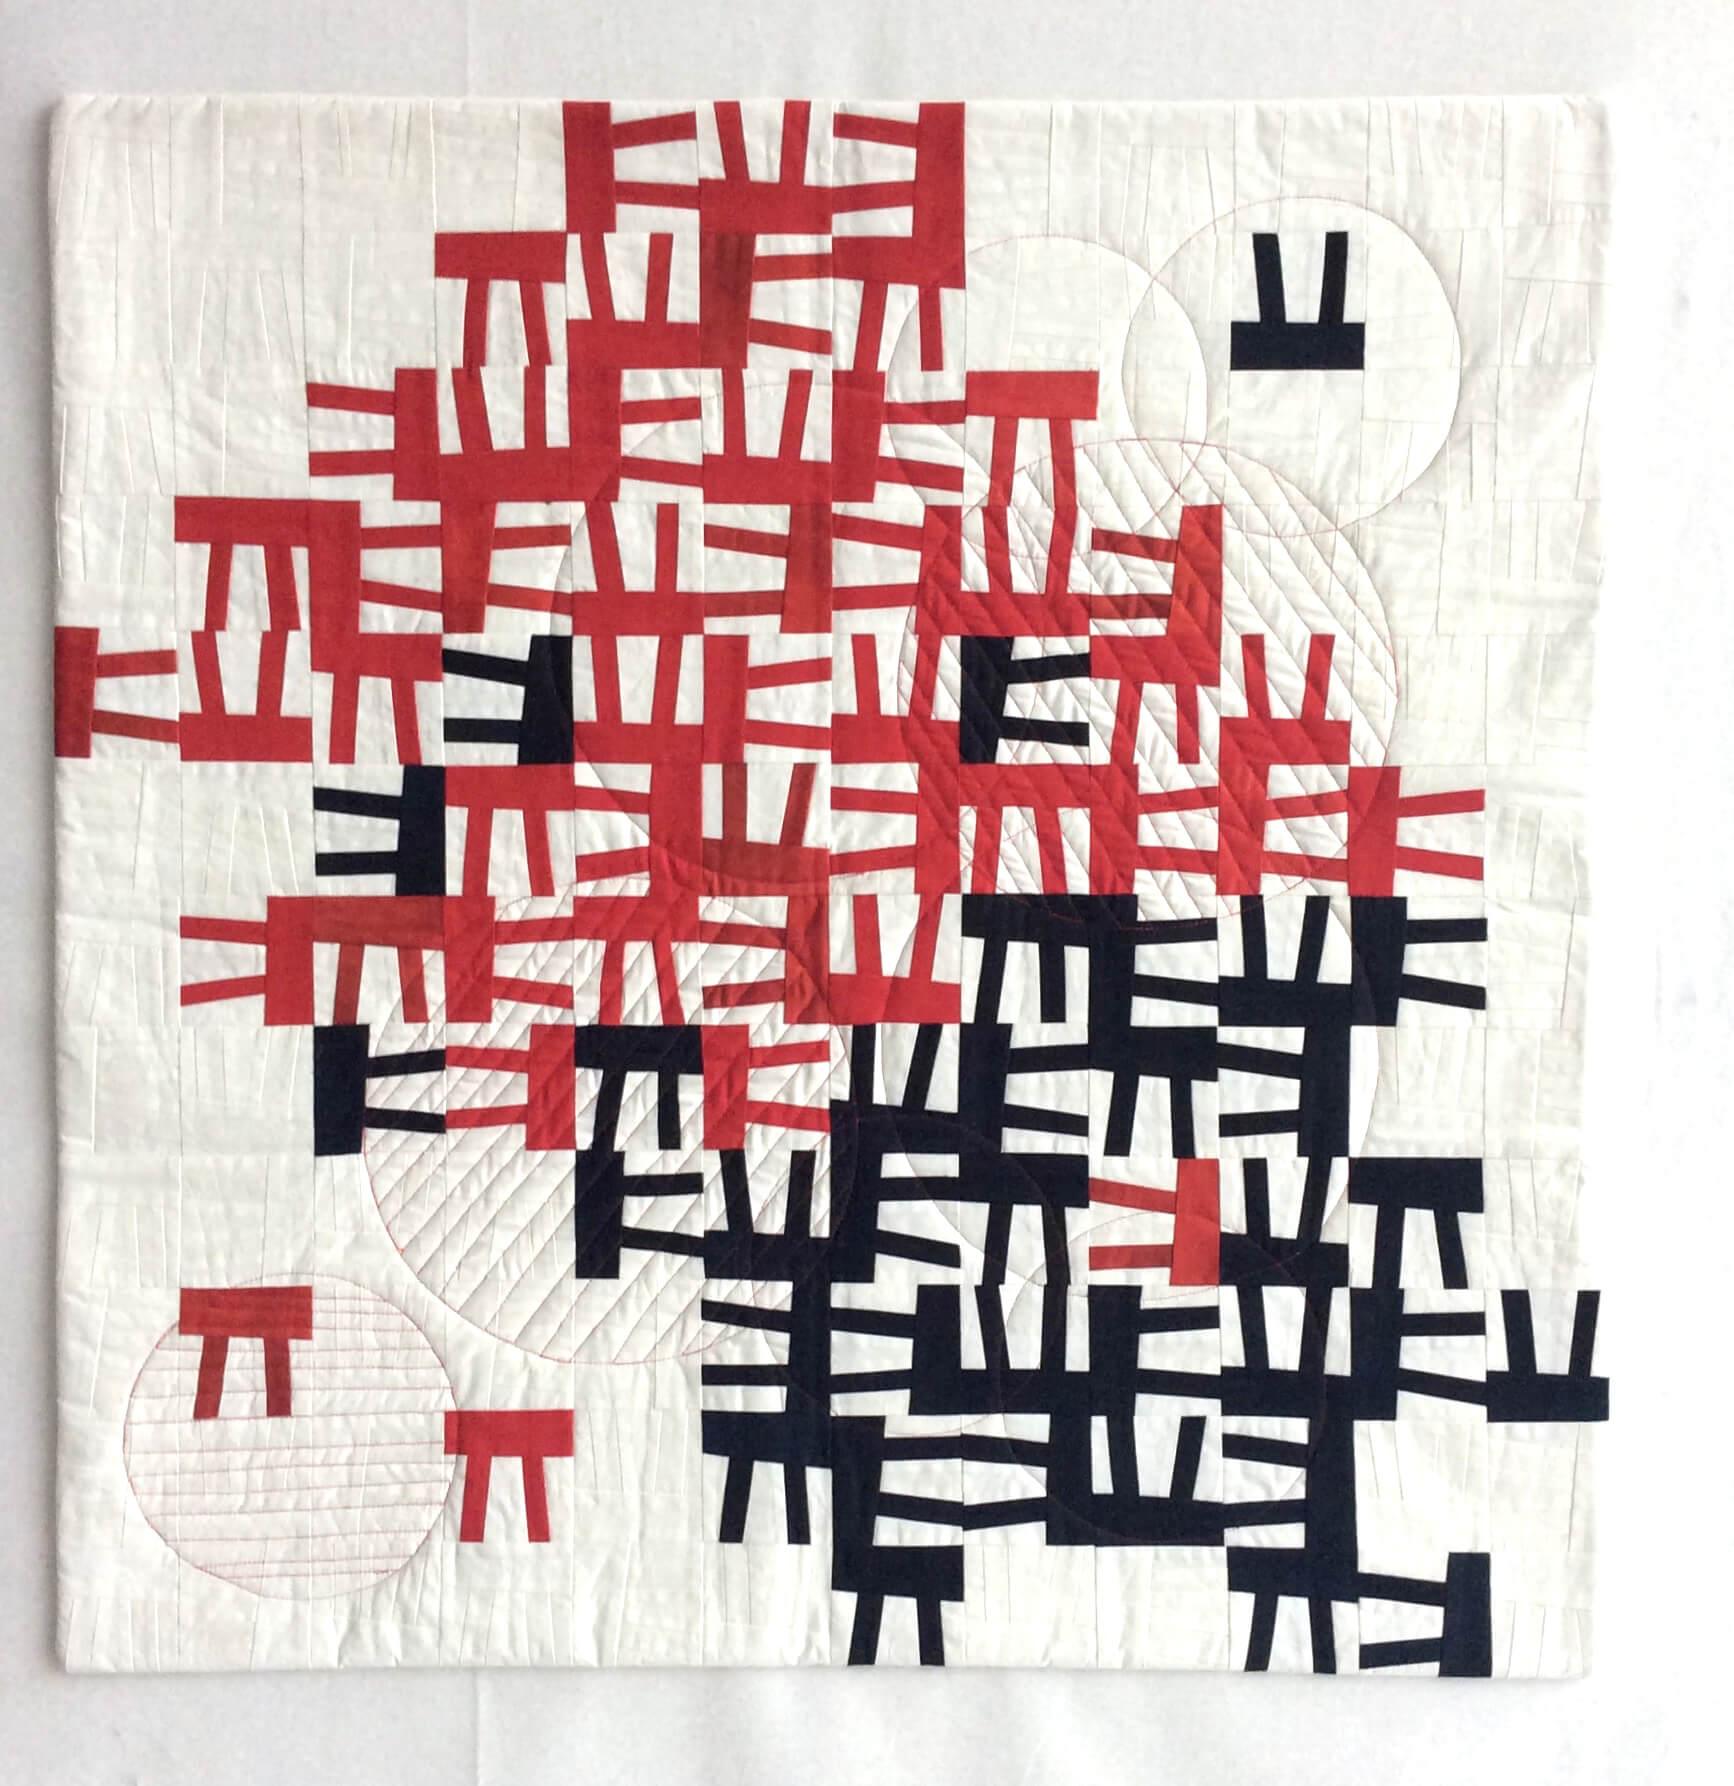 2012 | Kleines rot-schwarz, 85x85